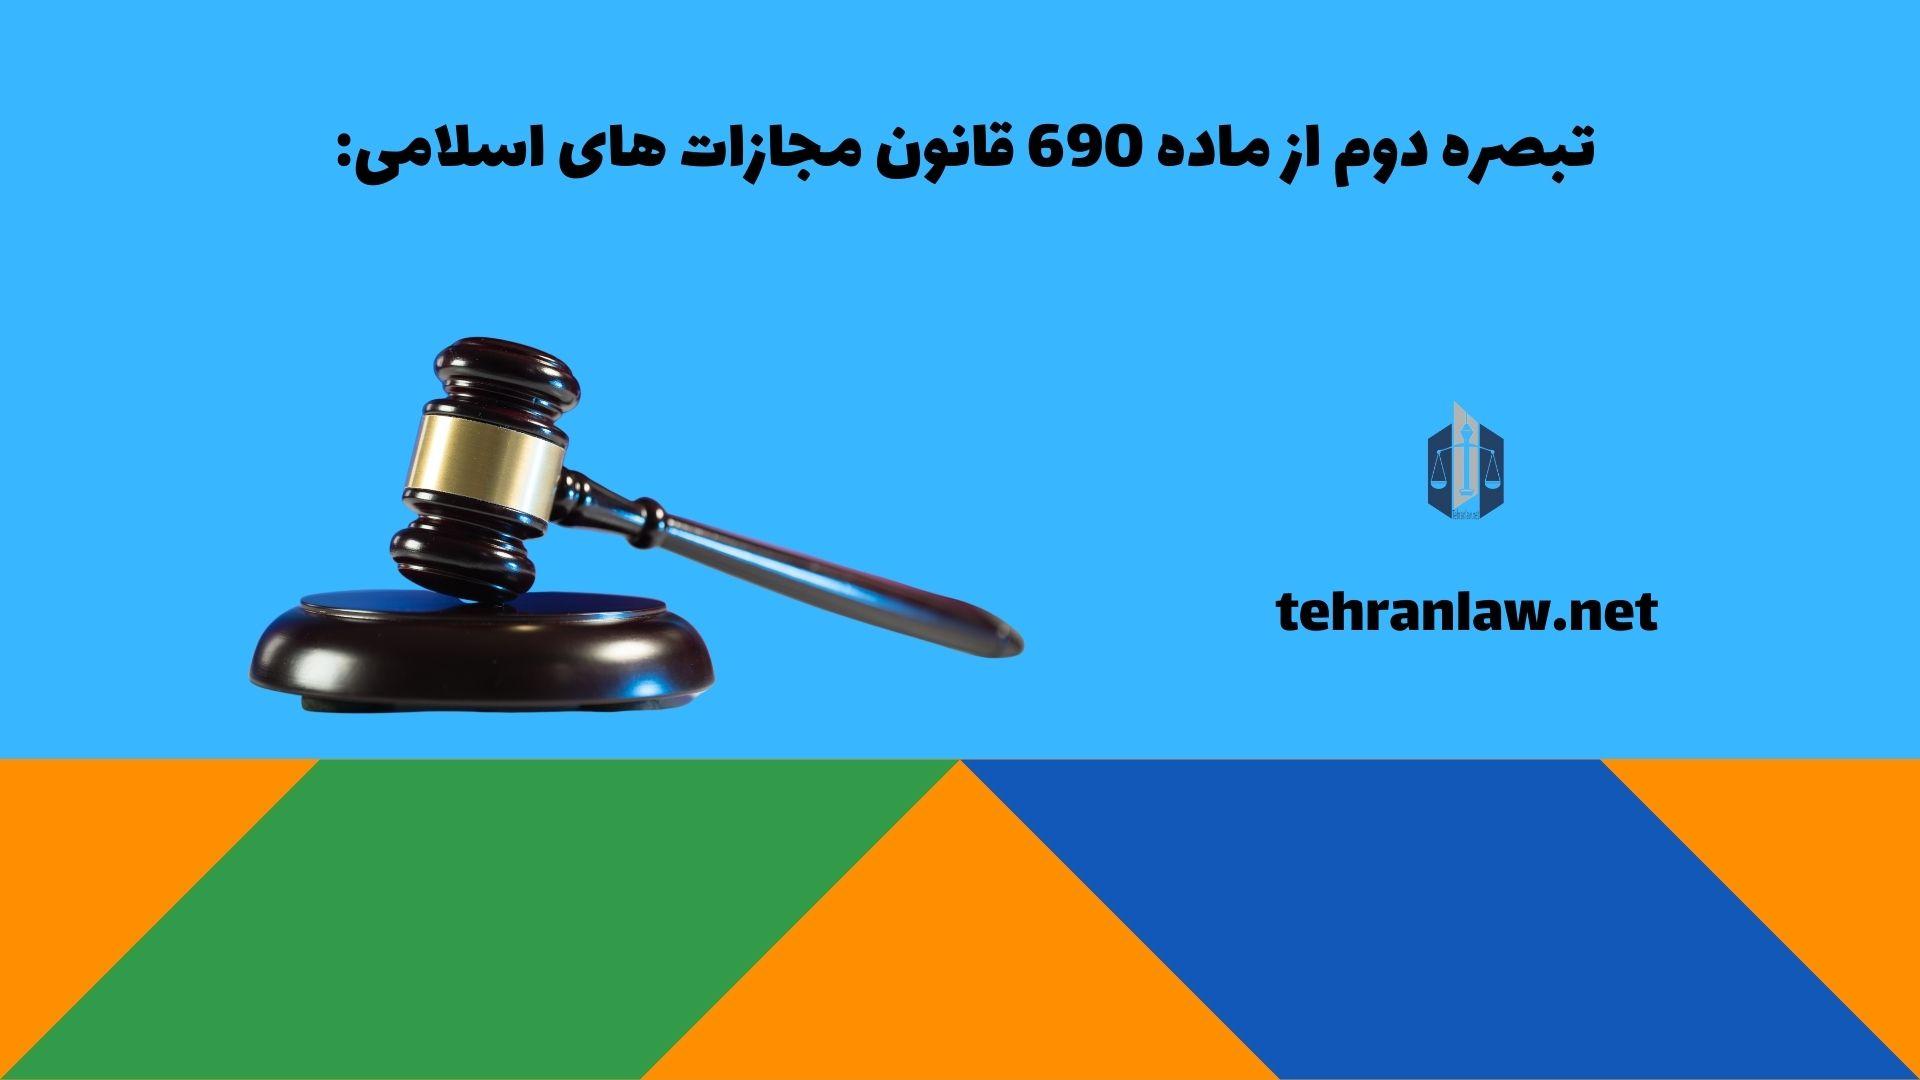 تبصره دوم از ماده 690 قانون مجازات های اسلامی: